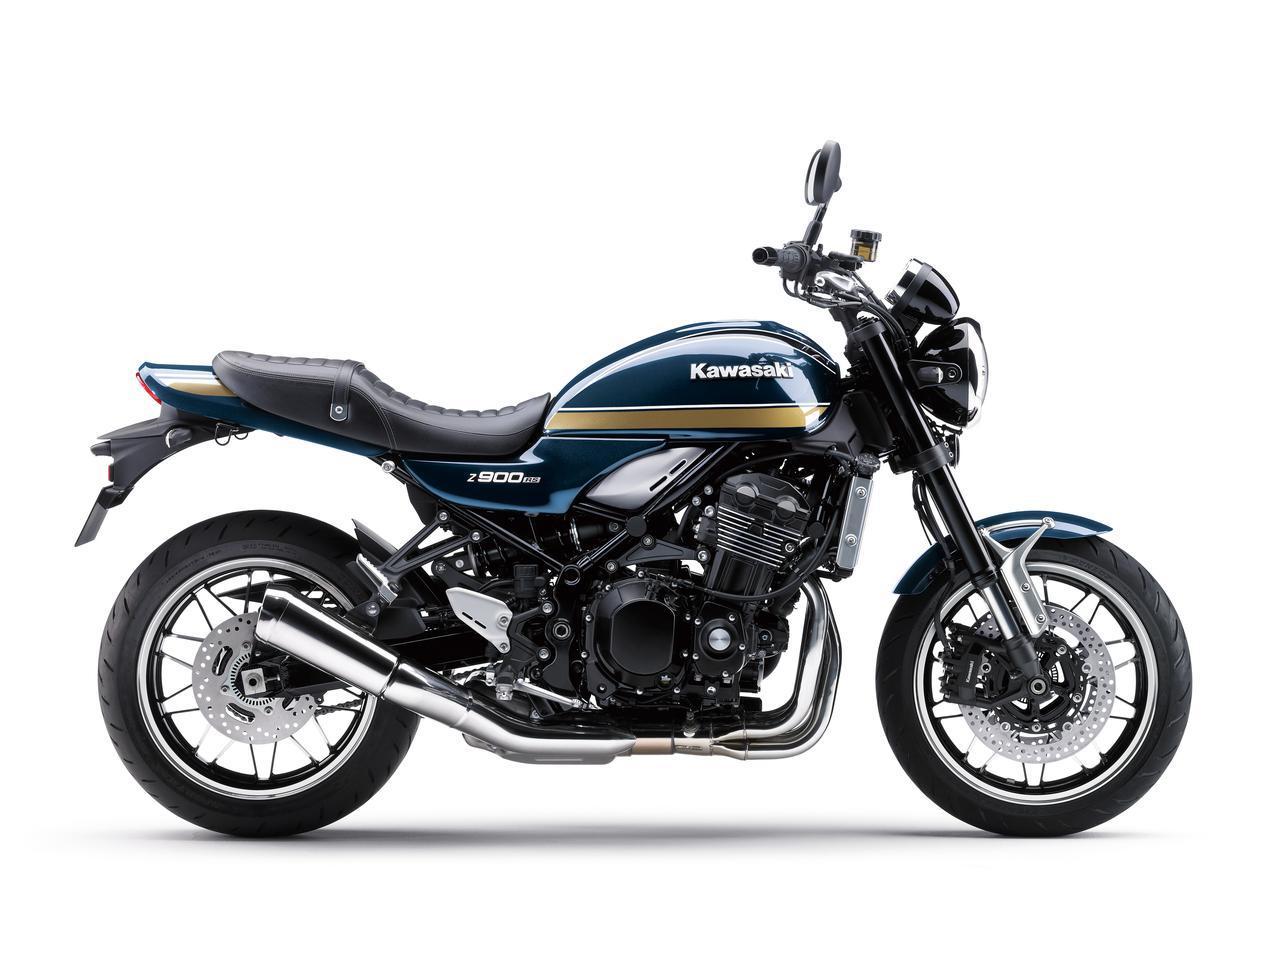 画像: カワサキ「Z900RS」&「Z900RSカフェ」国内仕様の2022年モデル情報 - webオートバイ